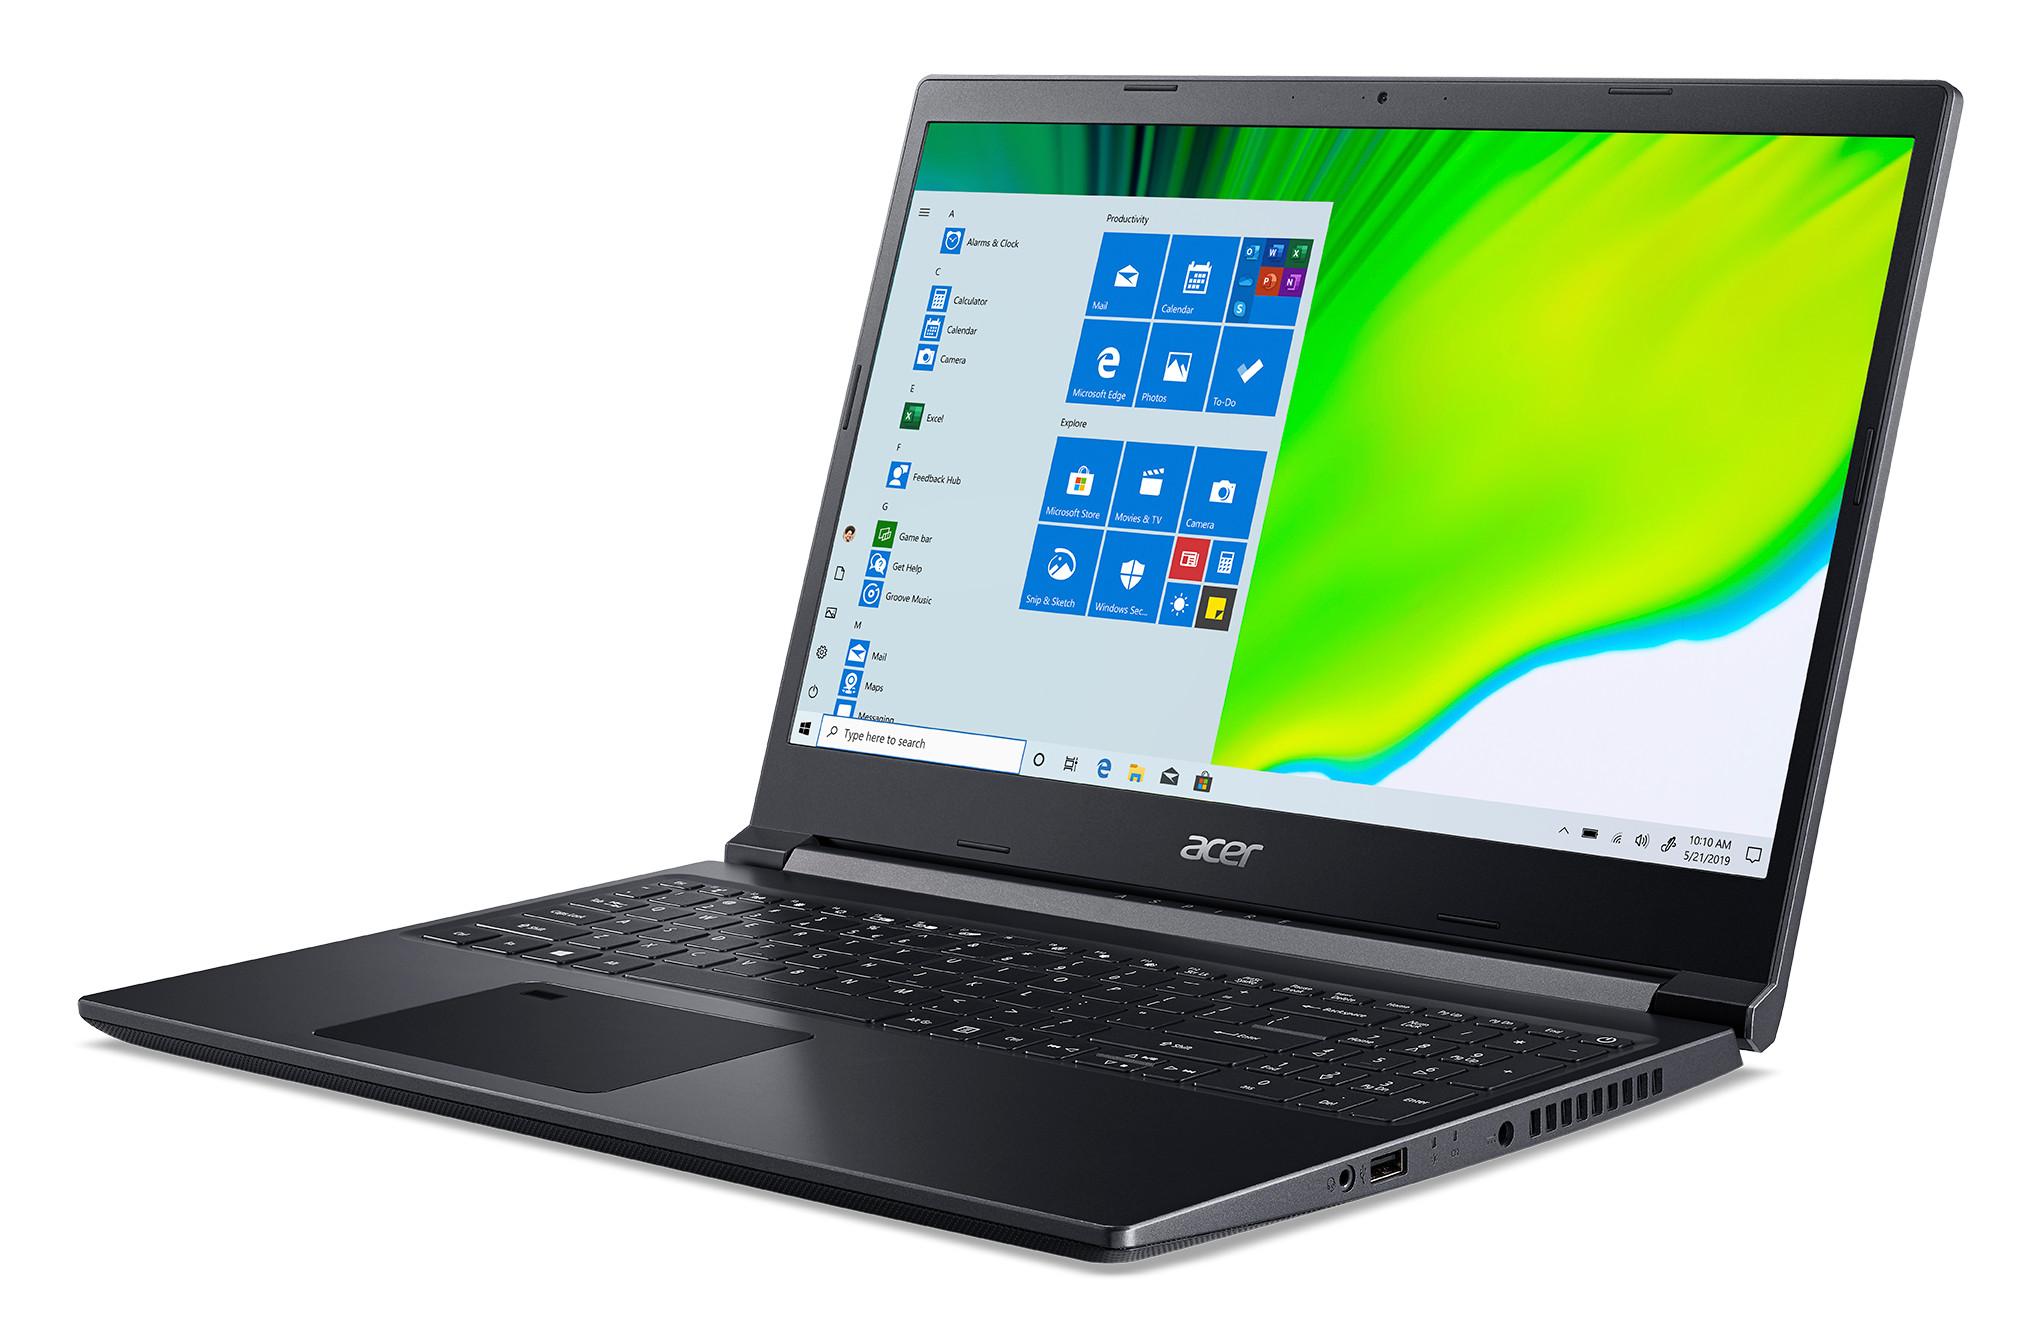 Acer Aspire 7 A715-75G-57H8